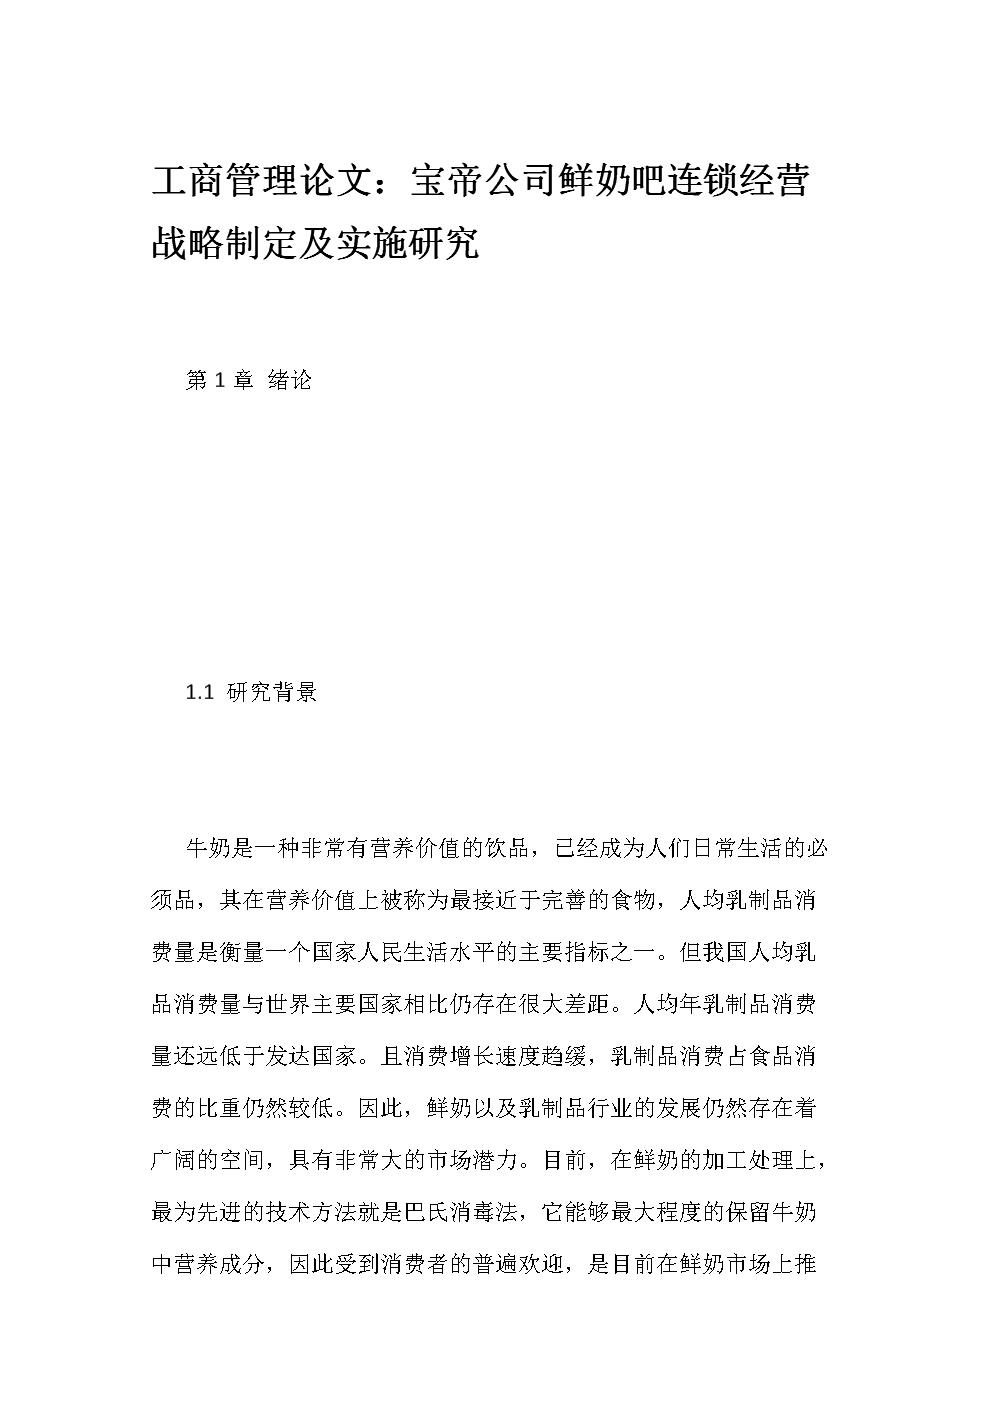 工商管理论文:宝帝公司鲜奶吧连锁经营战略制定及实施研究.docx